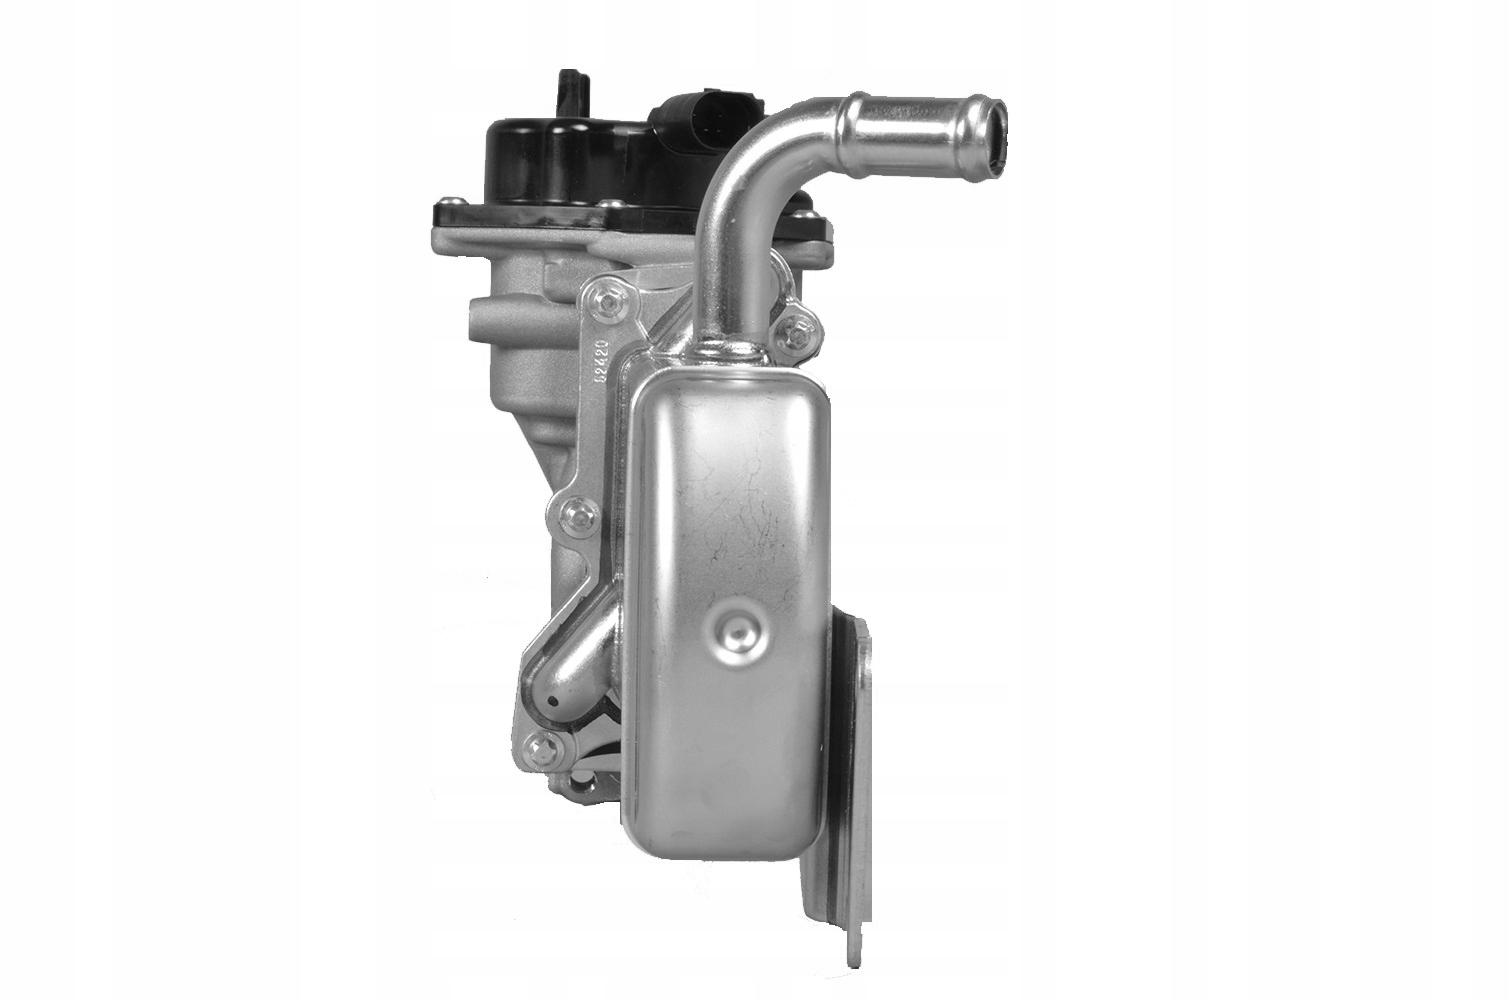 радиатор системы рециркуляции ог z клапаном audi a4 07- b8a6 11- c7